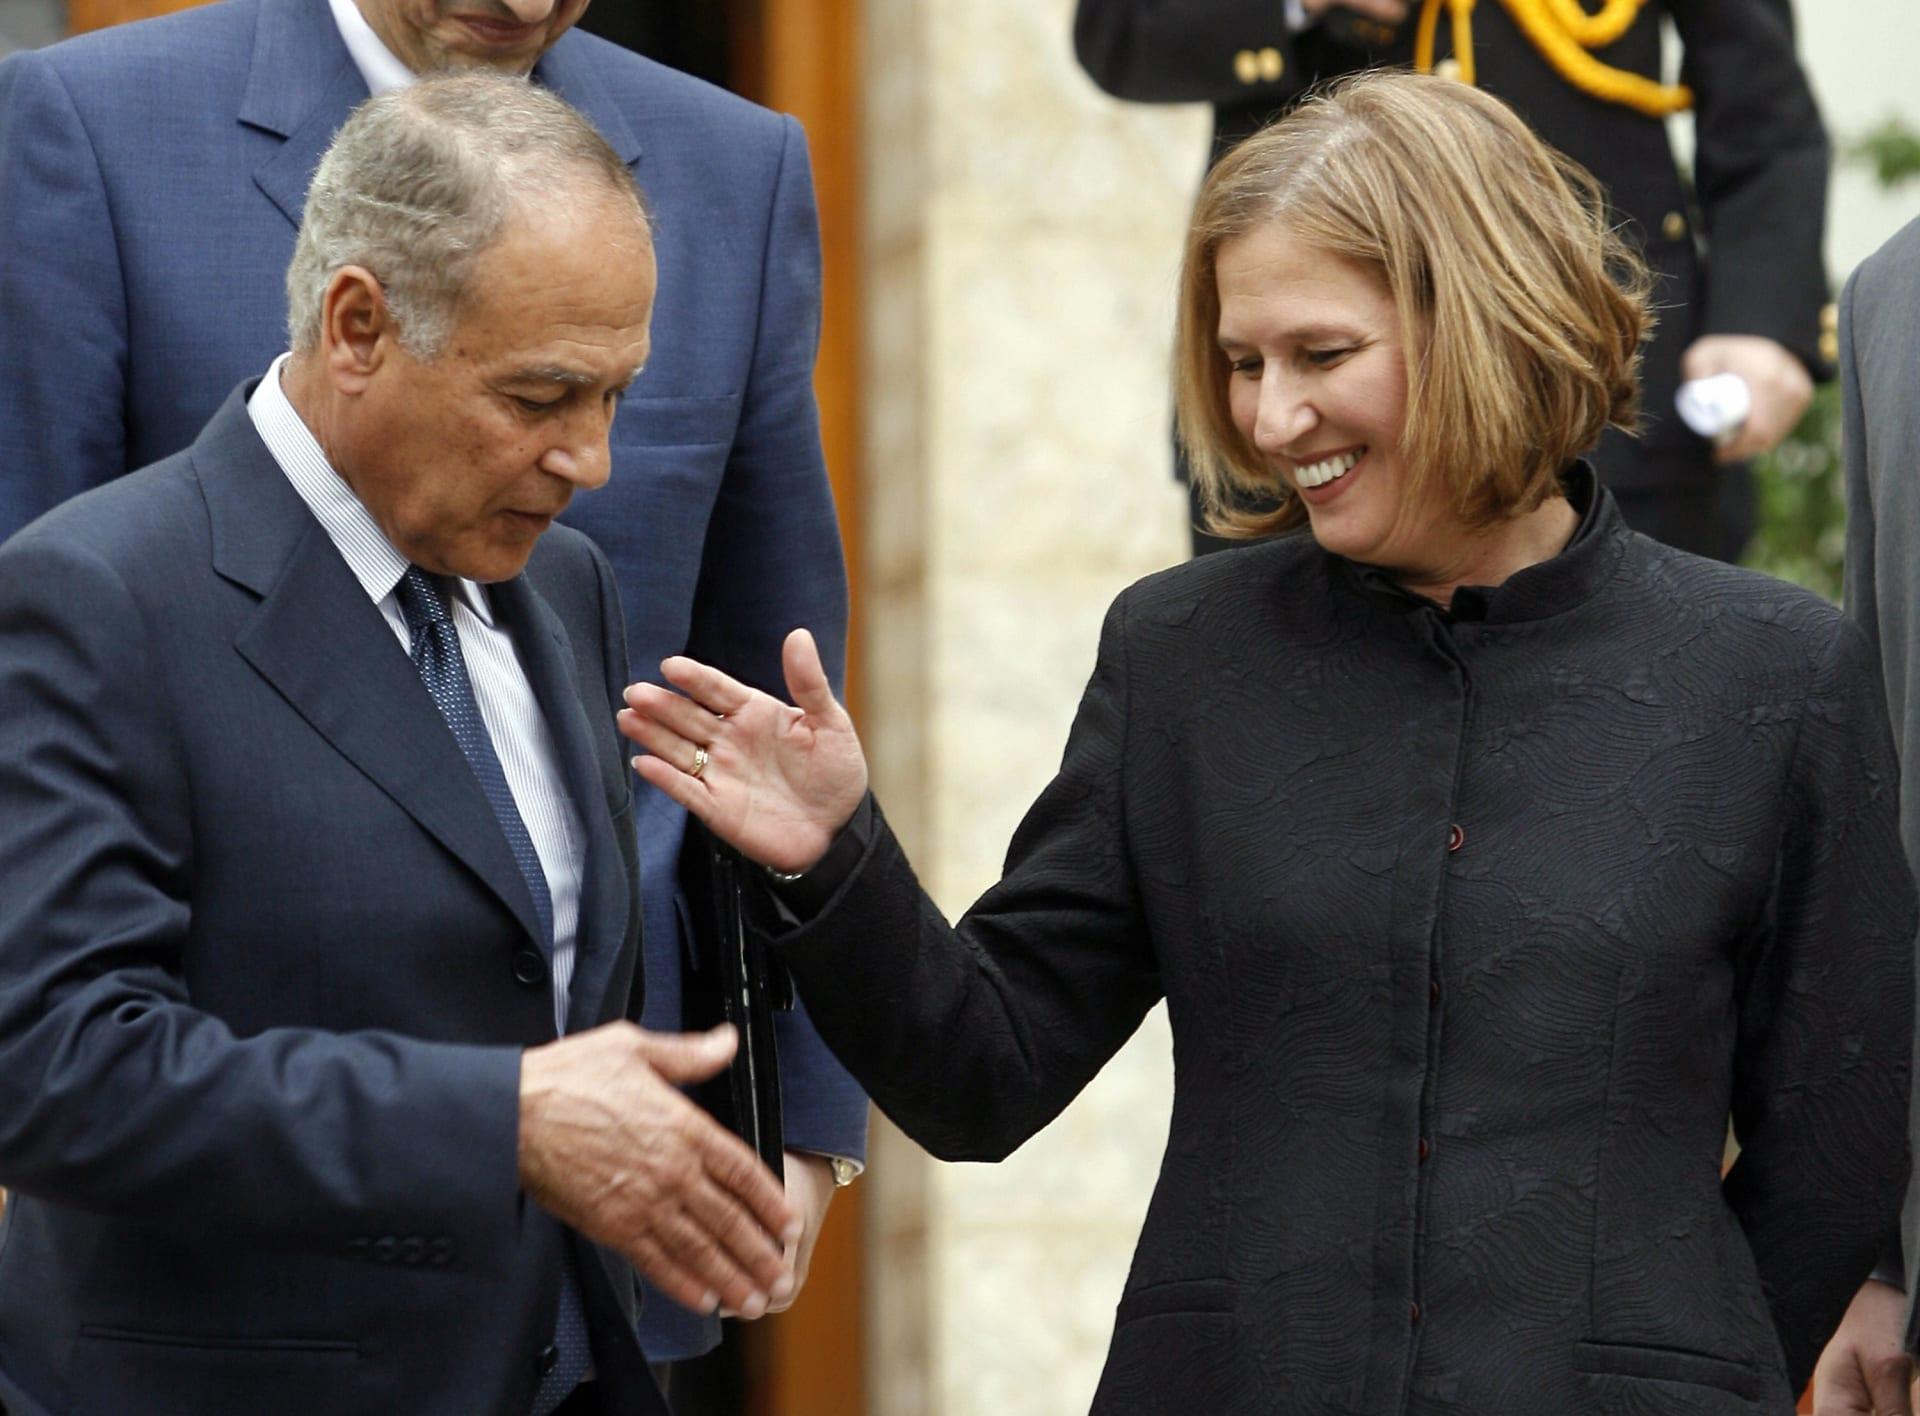 ليفني، خلال زيارتها للقاهرة عام 2008، تصافح وزير الخارجية المصري آنذاك أحمد أبوالغيط